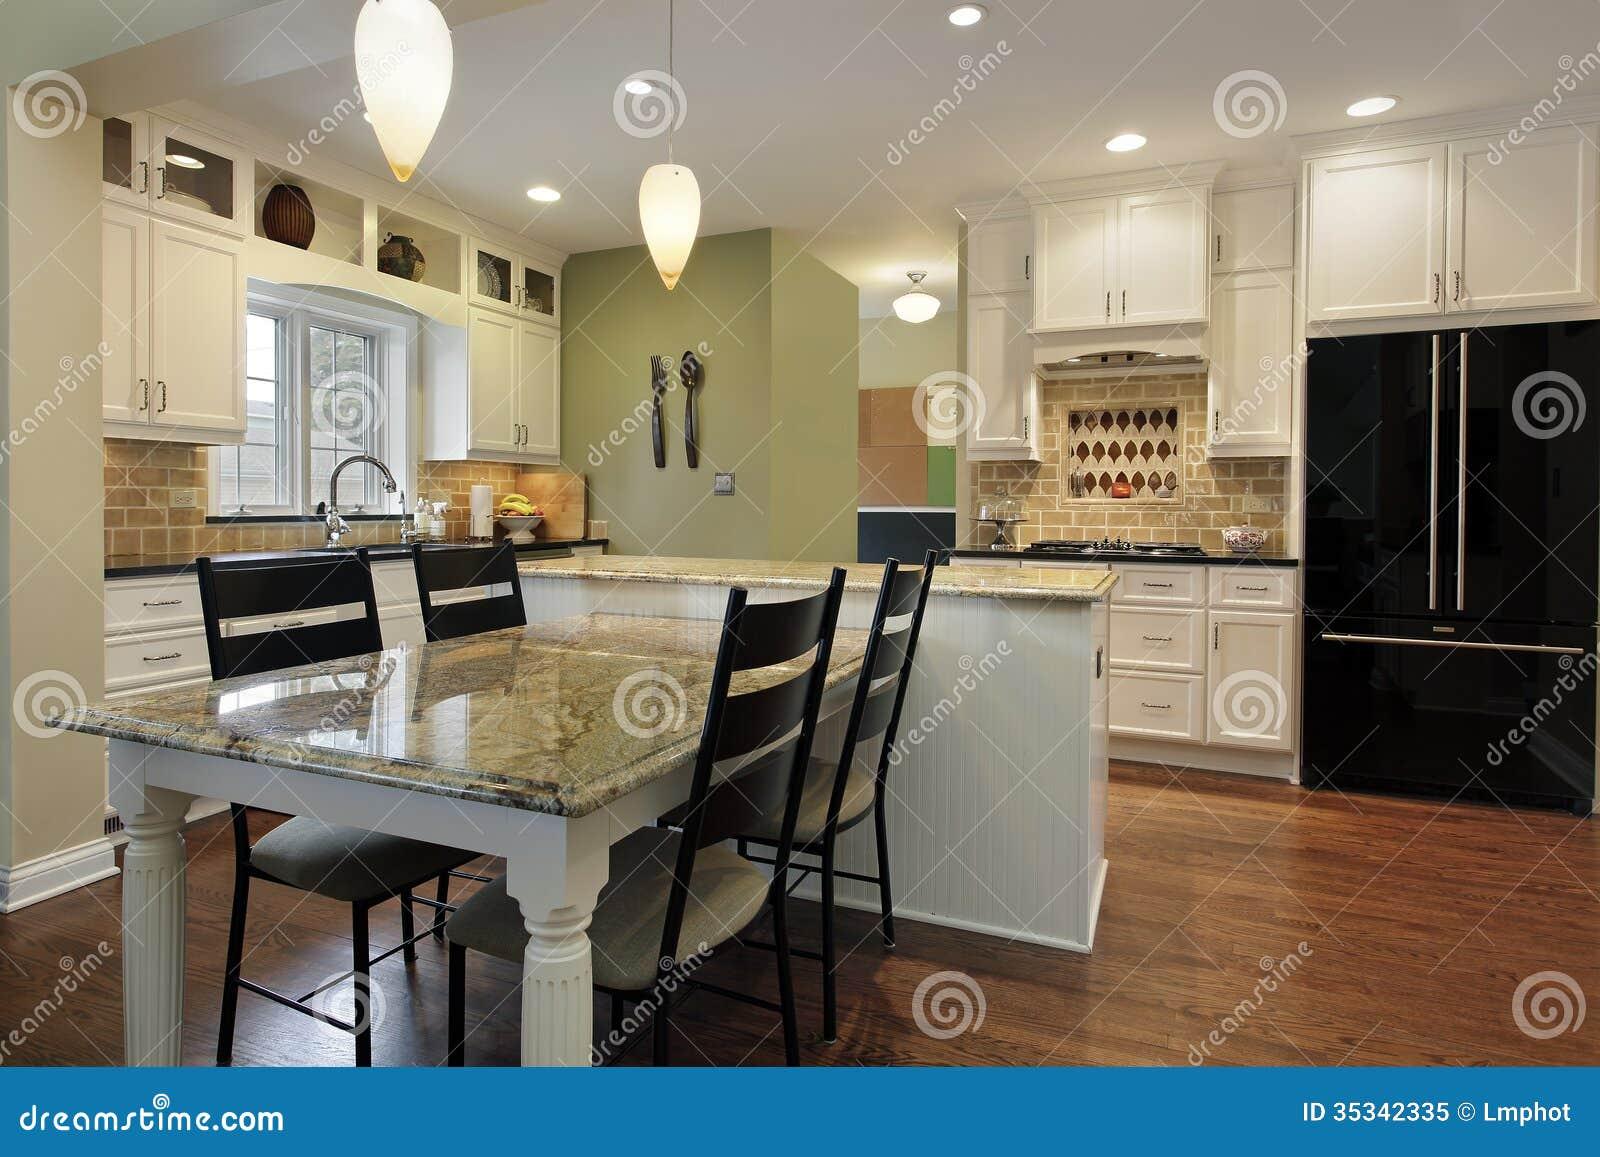 Cozinha Com Ilha Do Granito Imagem De Stock Imagem De Moradia